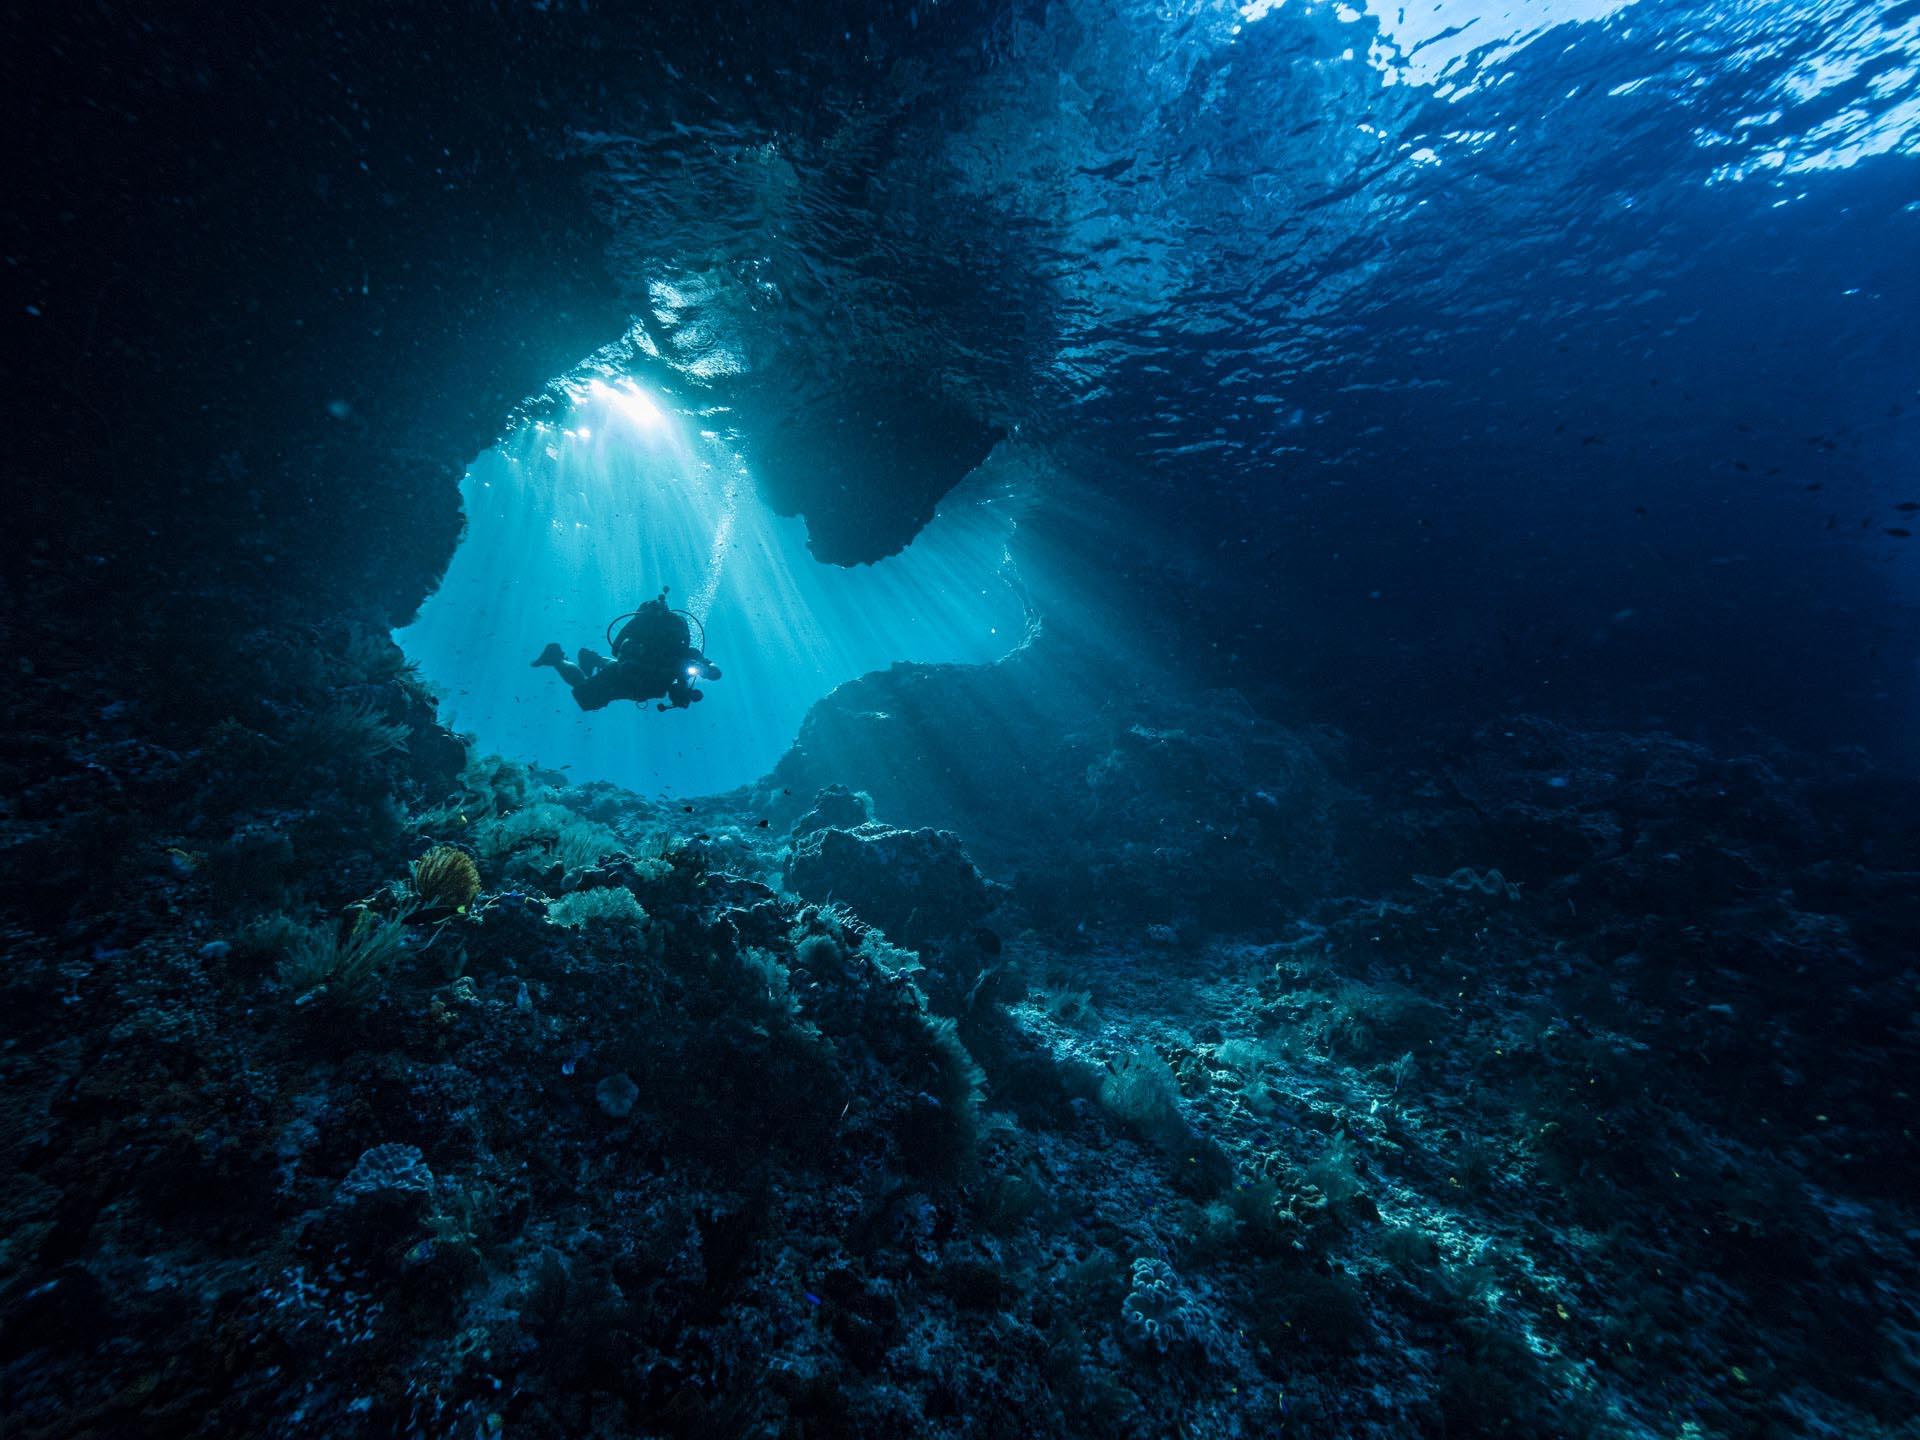 diver in underwater tunnel